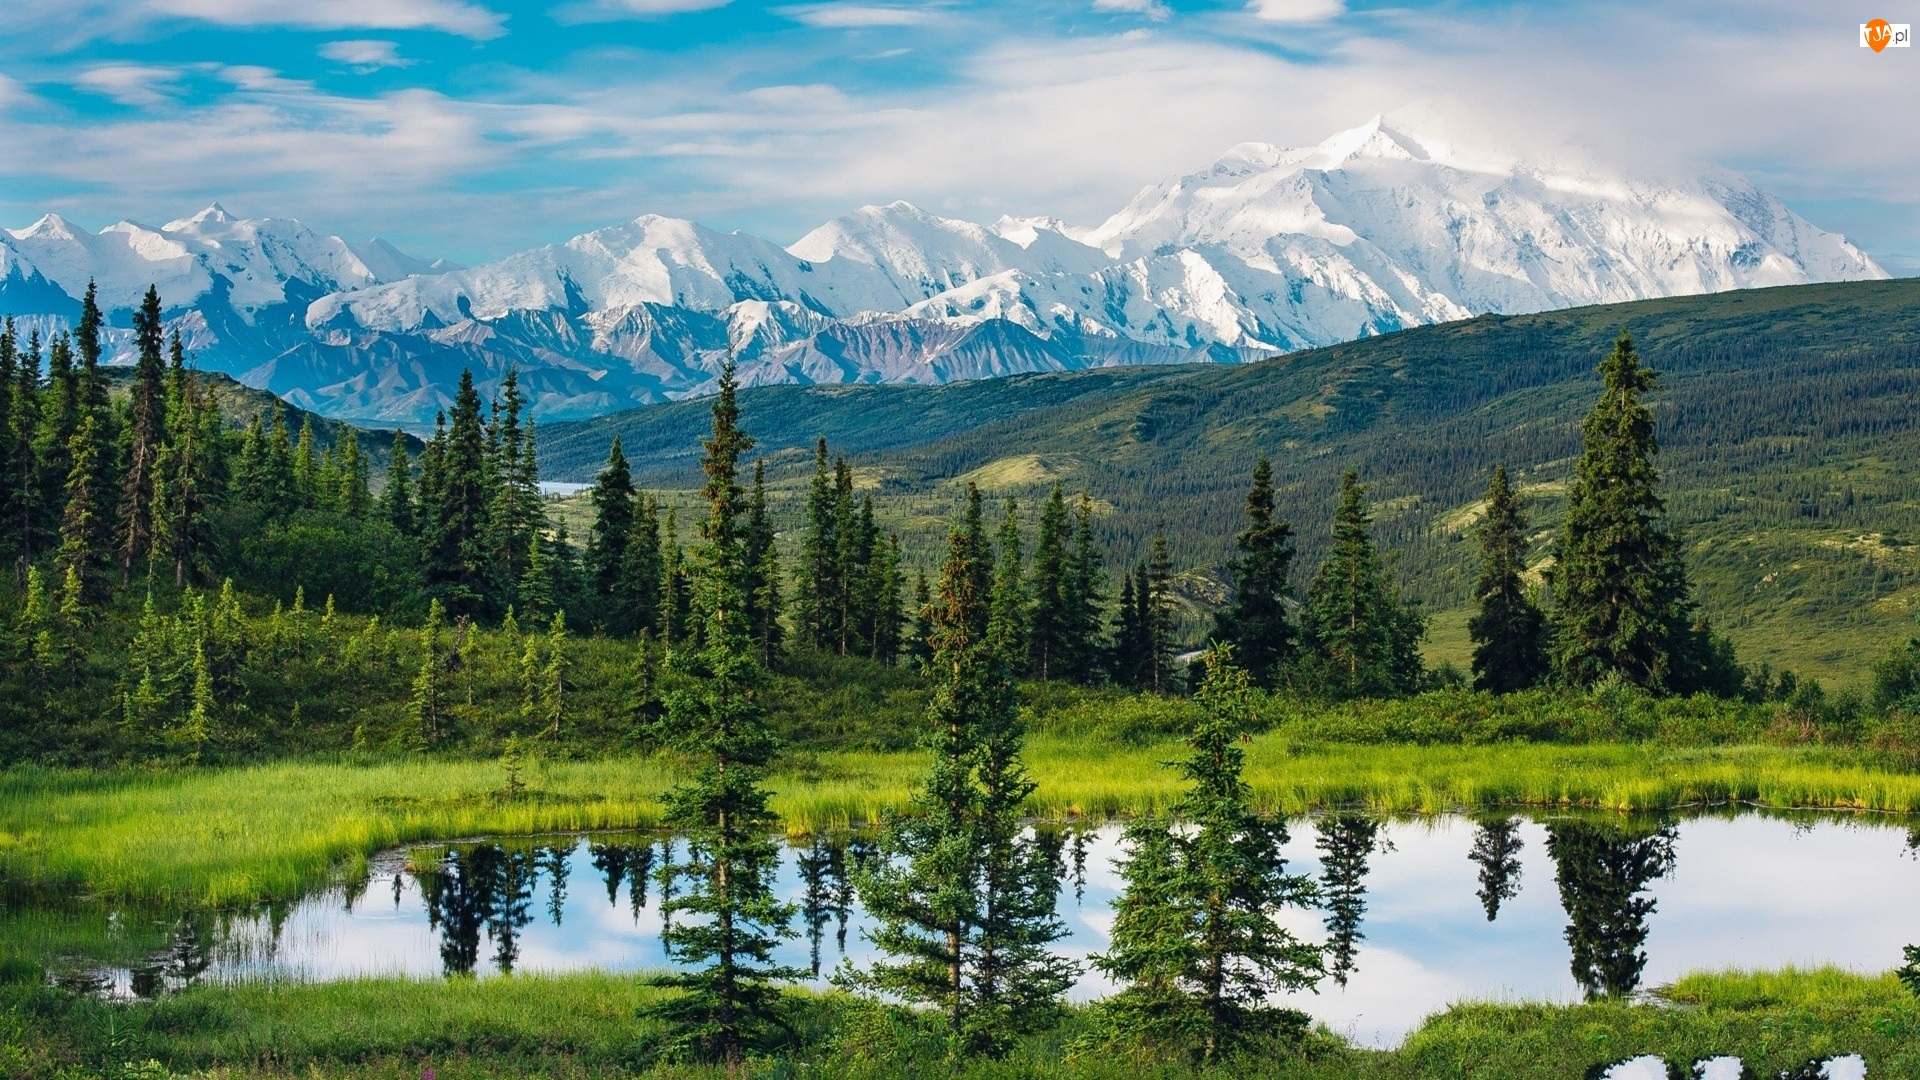 Góry, Drzewa, Stany Zjednoczone, Jezioro, Alaska, Park Narodowy Denali